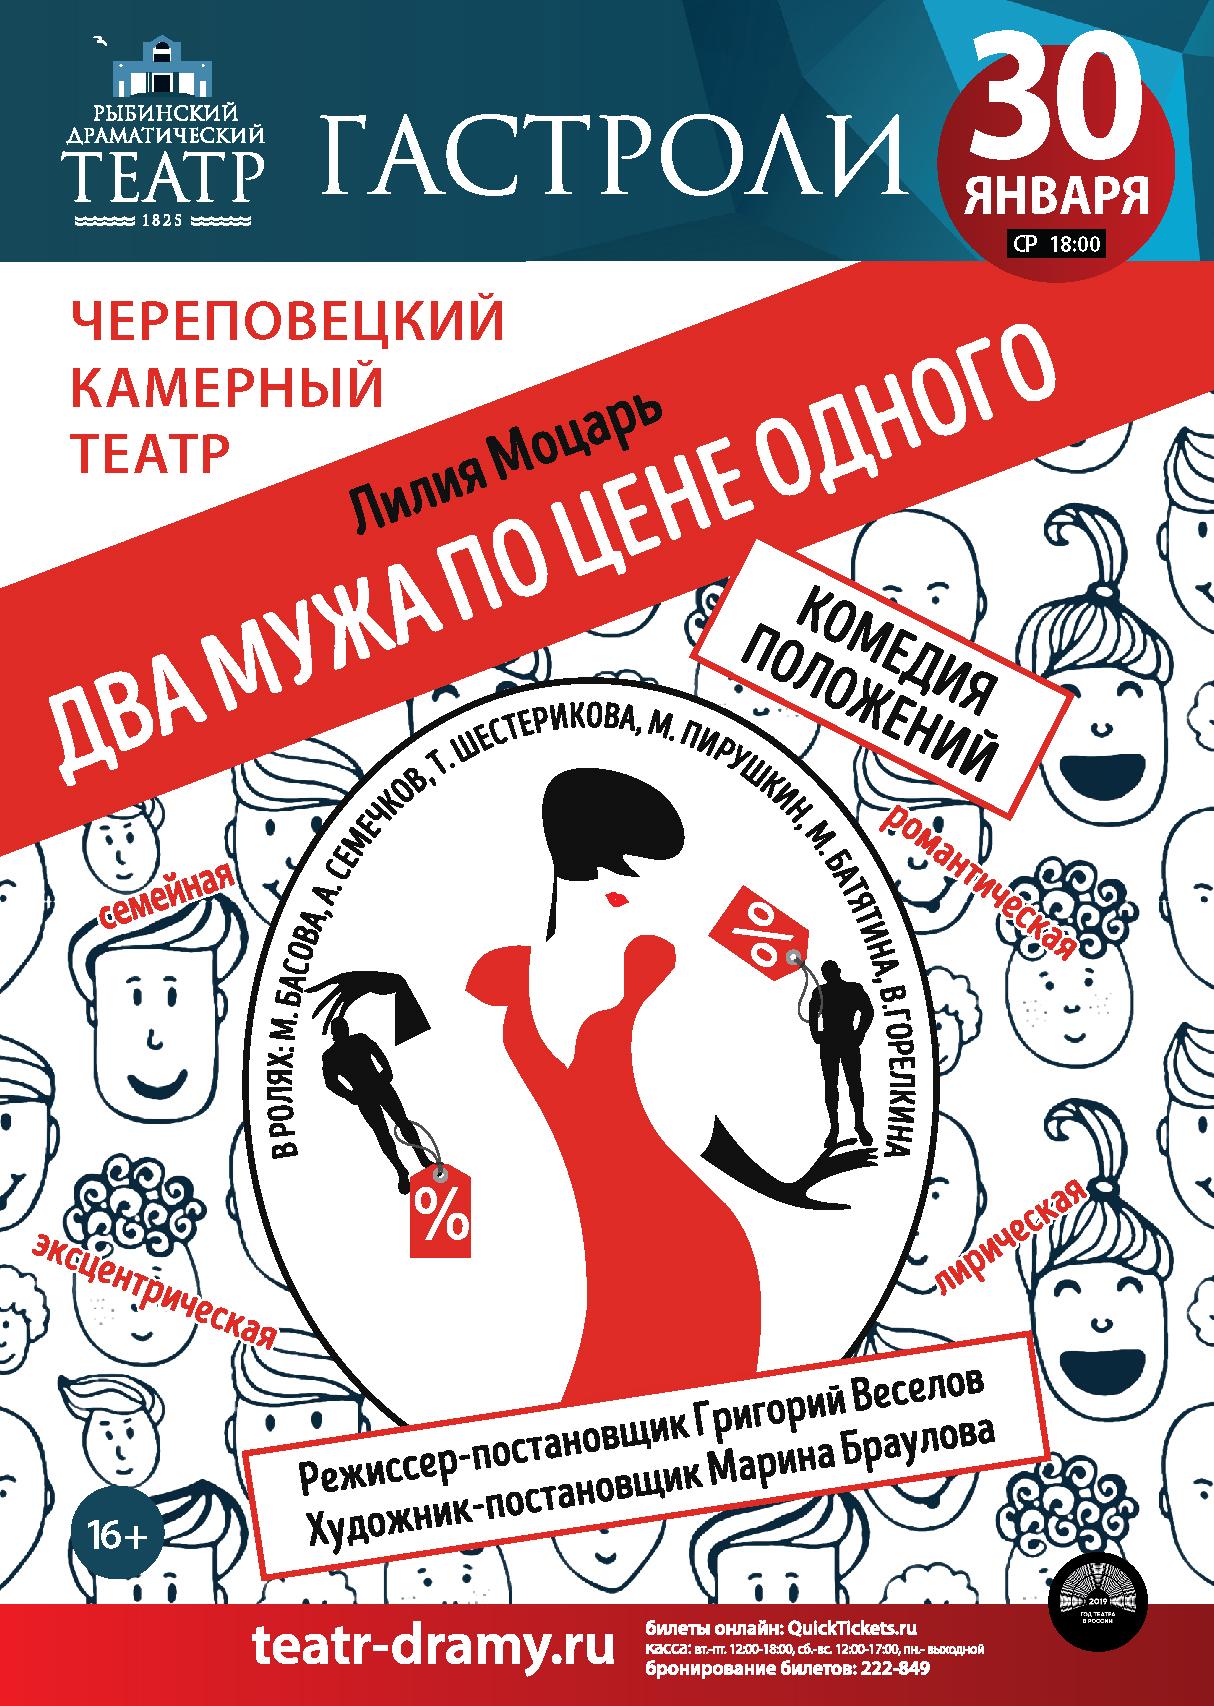 Театр рыбинск официальный сайт афиша потап и настя концерты афиша